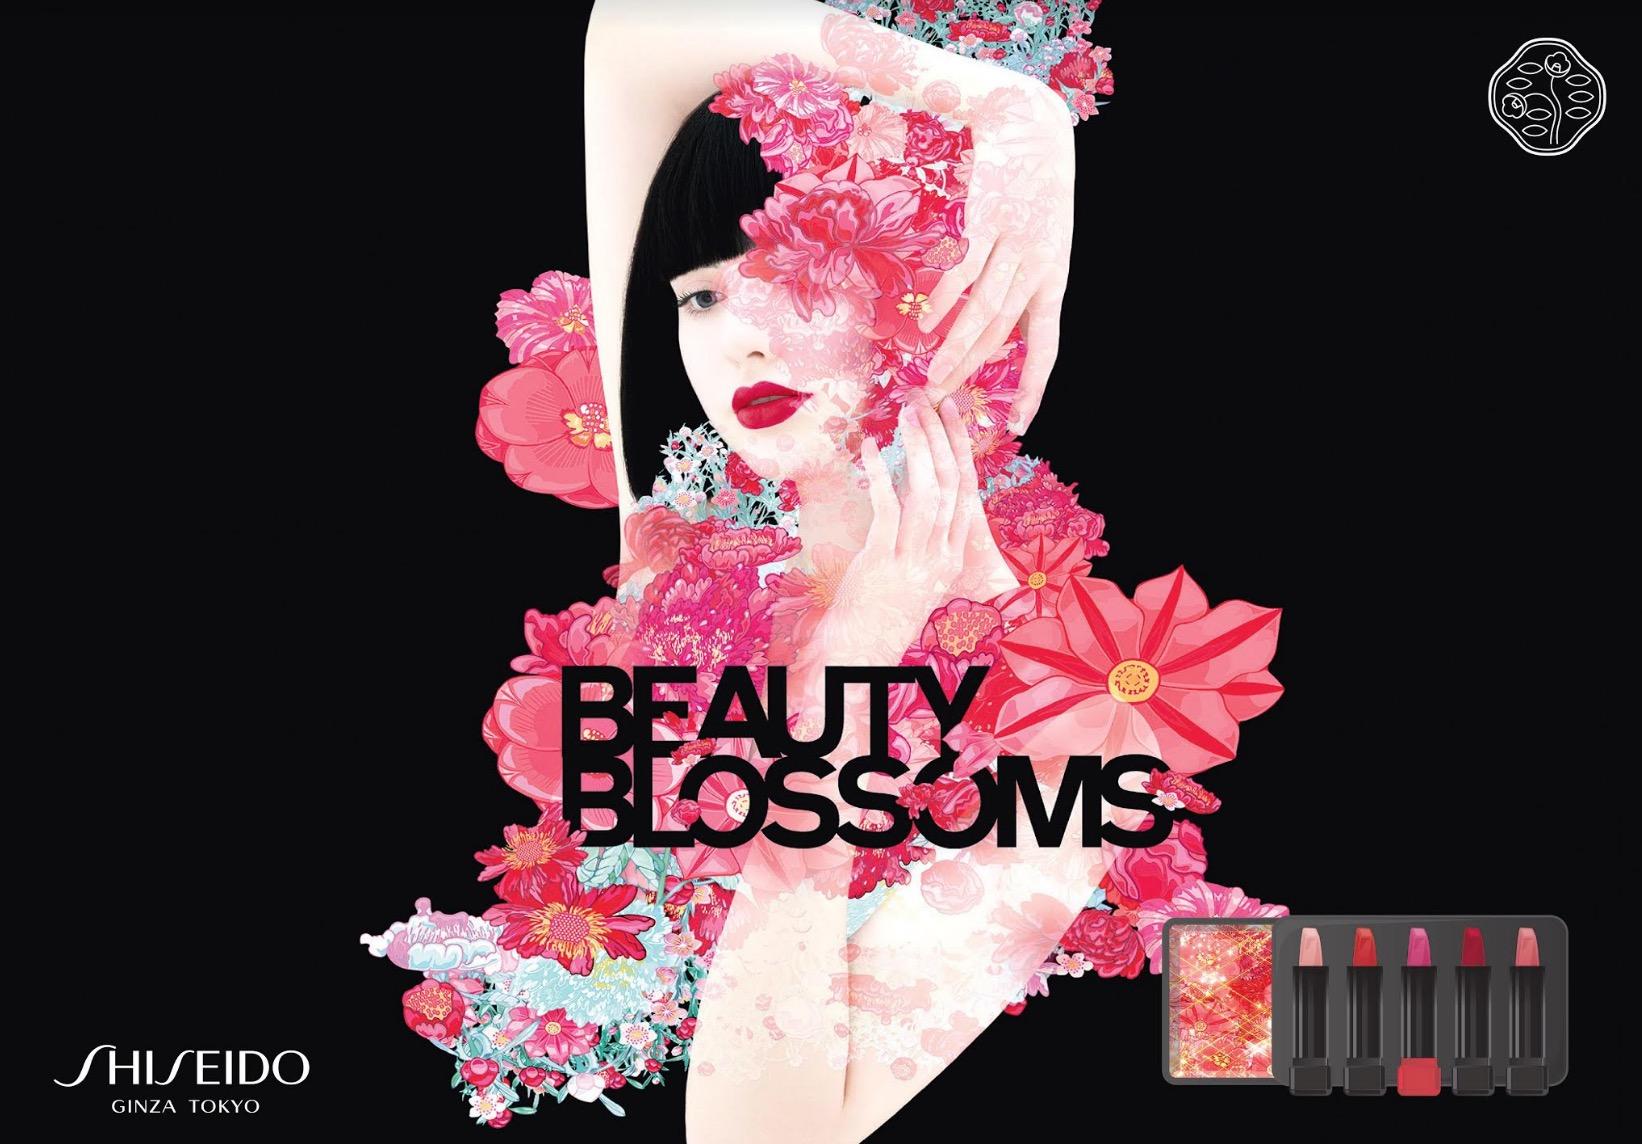 資生堂國際櫃此次與日本動畫藝術家/平面設計師稻葉英樹合作,設計出無與倫比精彩的燦爛花火印花,印製於迷你唇膏禮盒包裝上